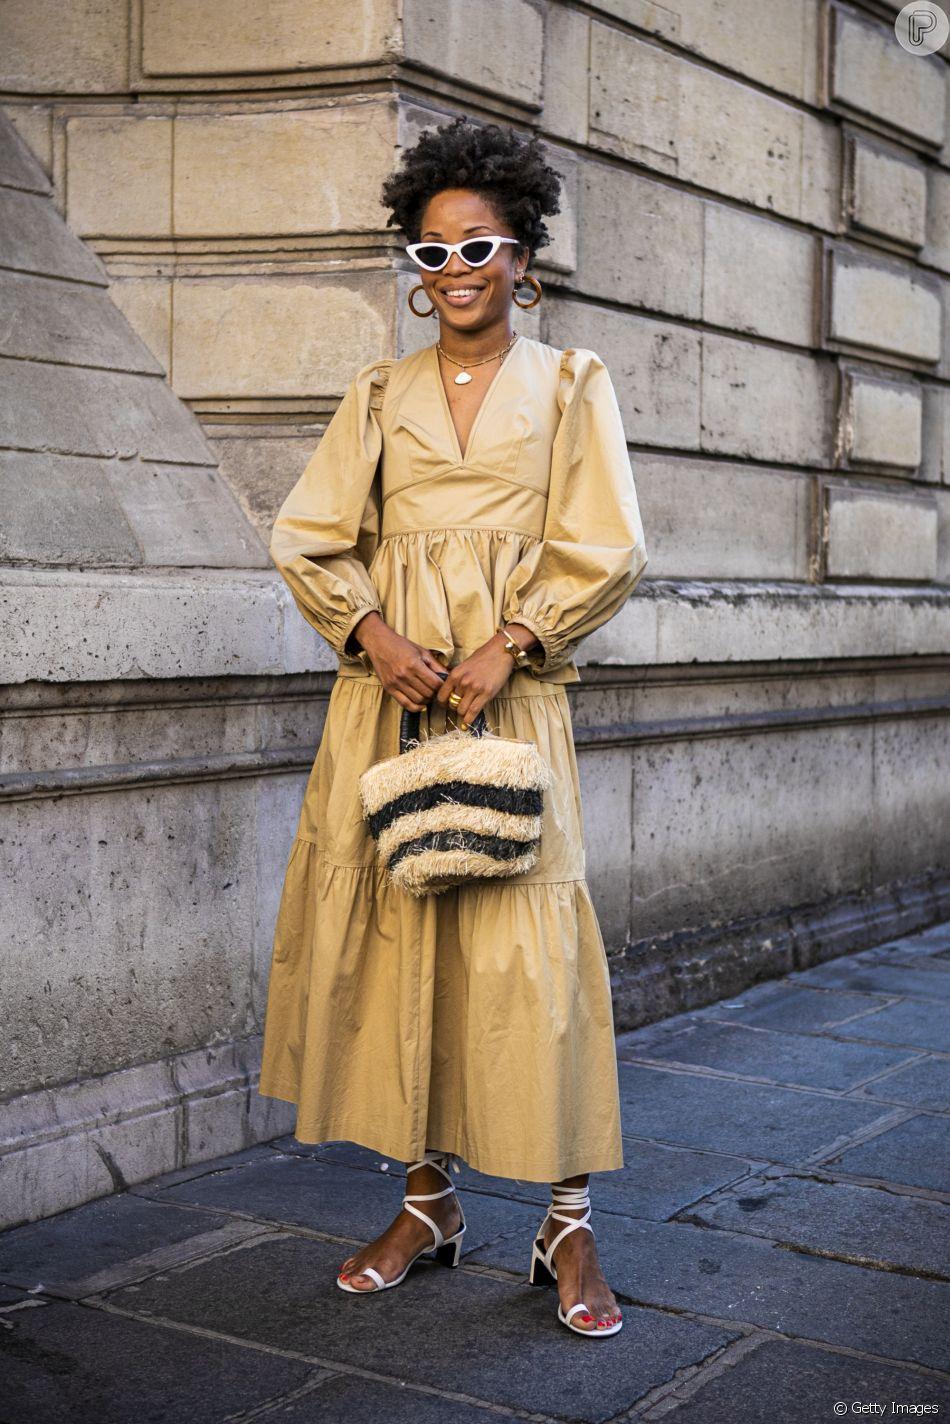 Vestido longo em estilo bem feminino combina com as sandálias do momento